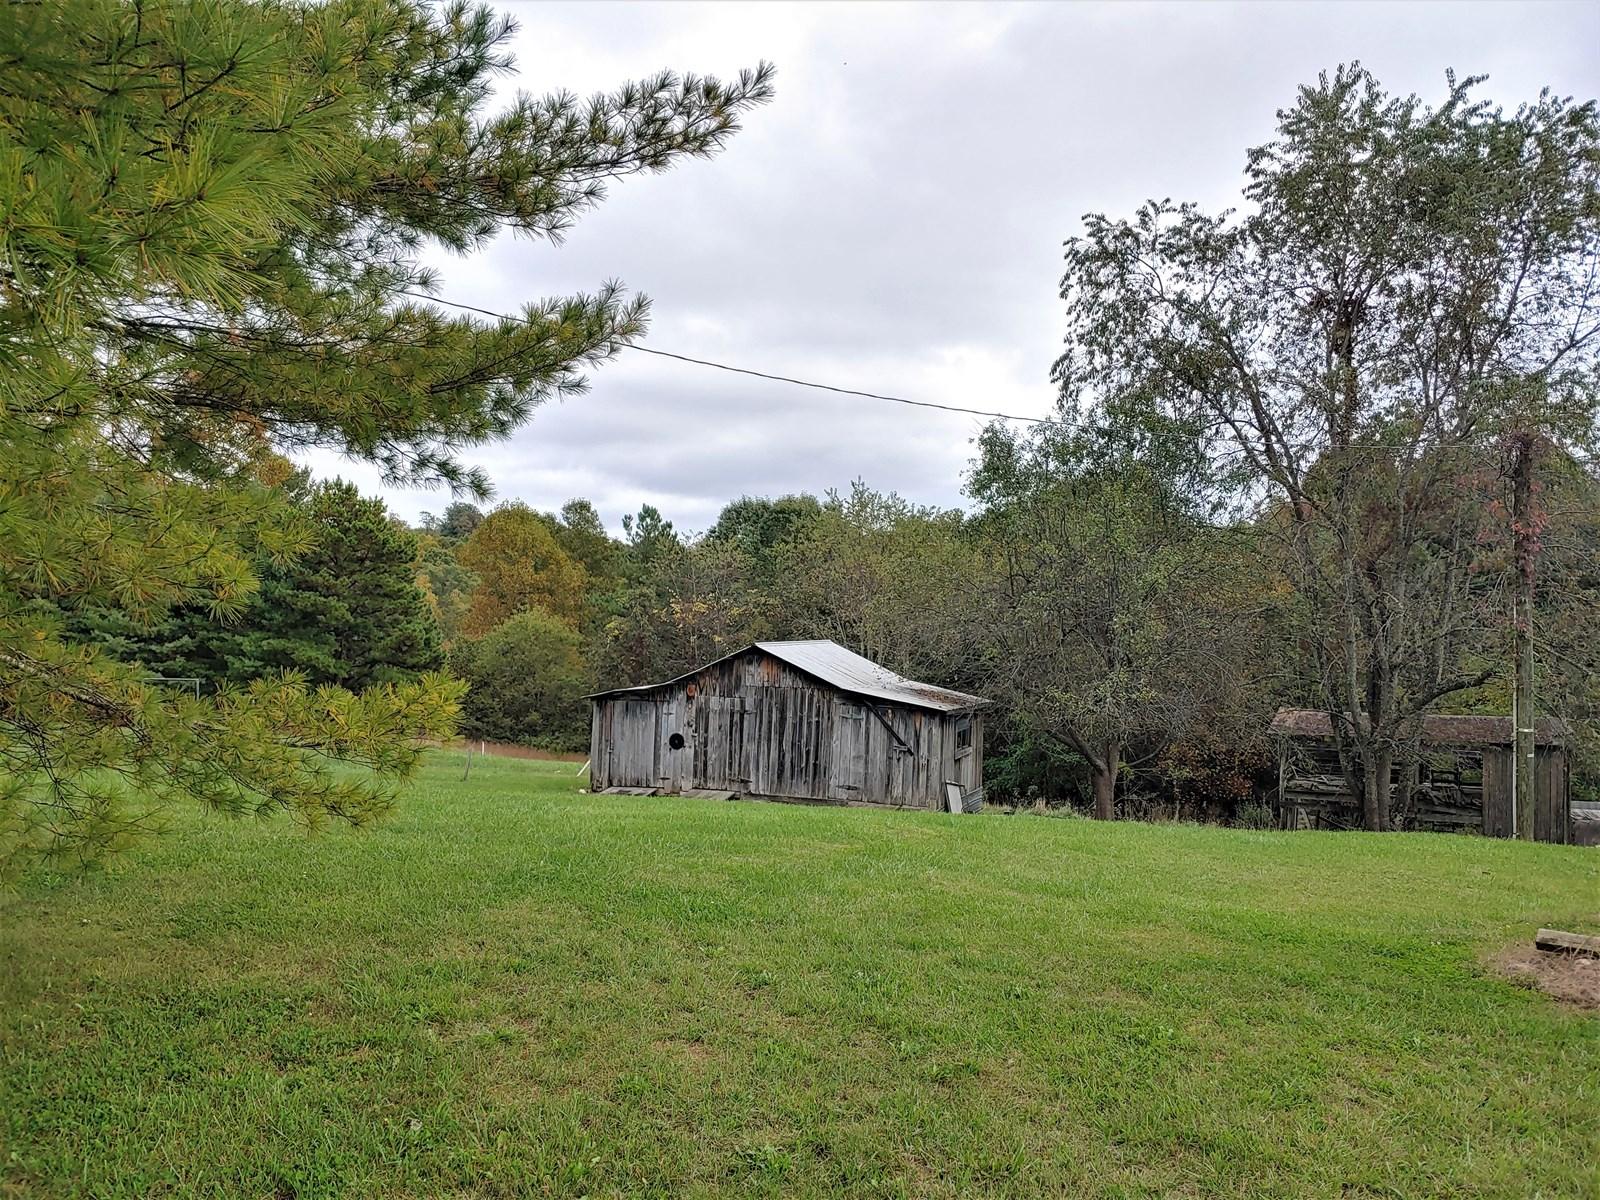 Land for Sale in Riner VA!